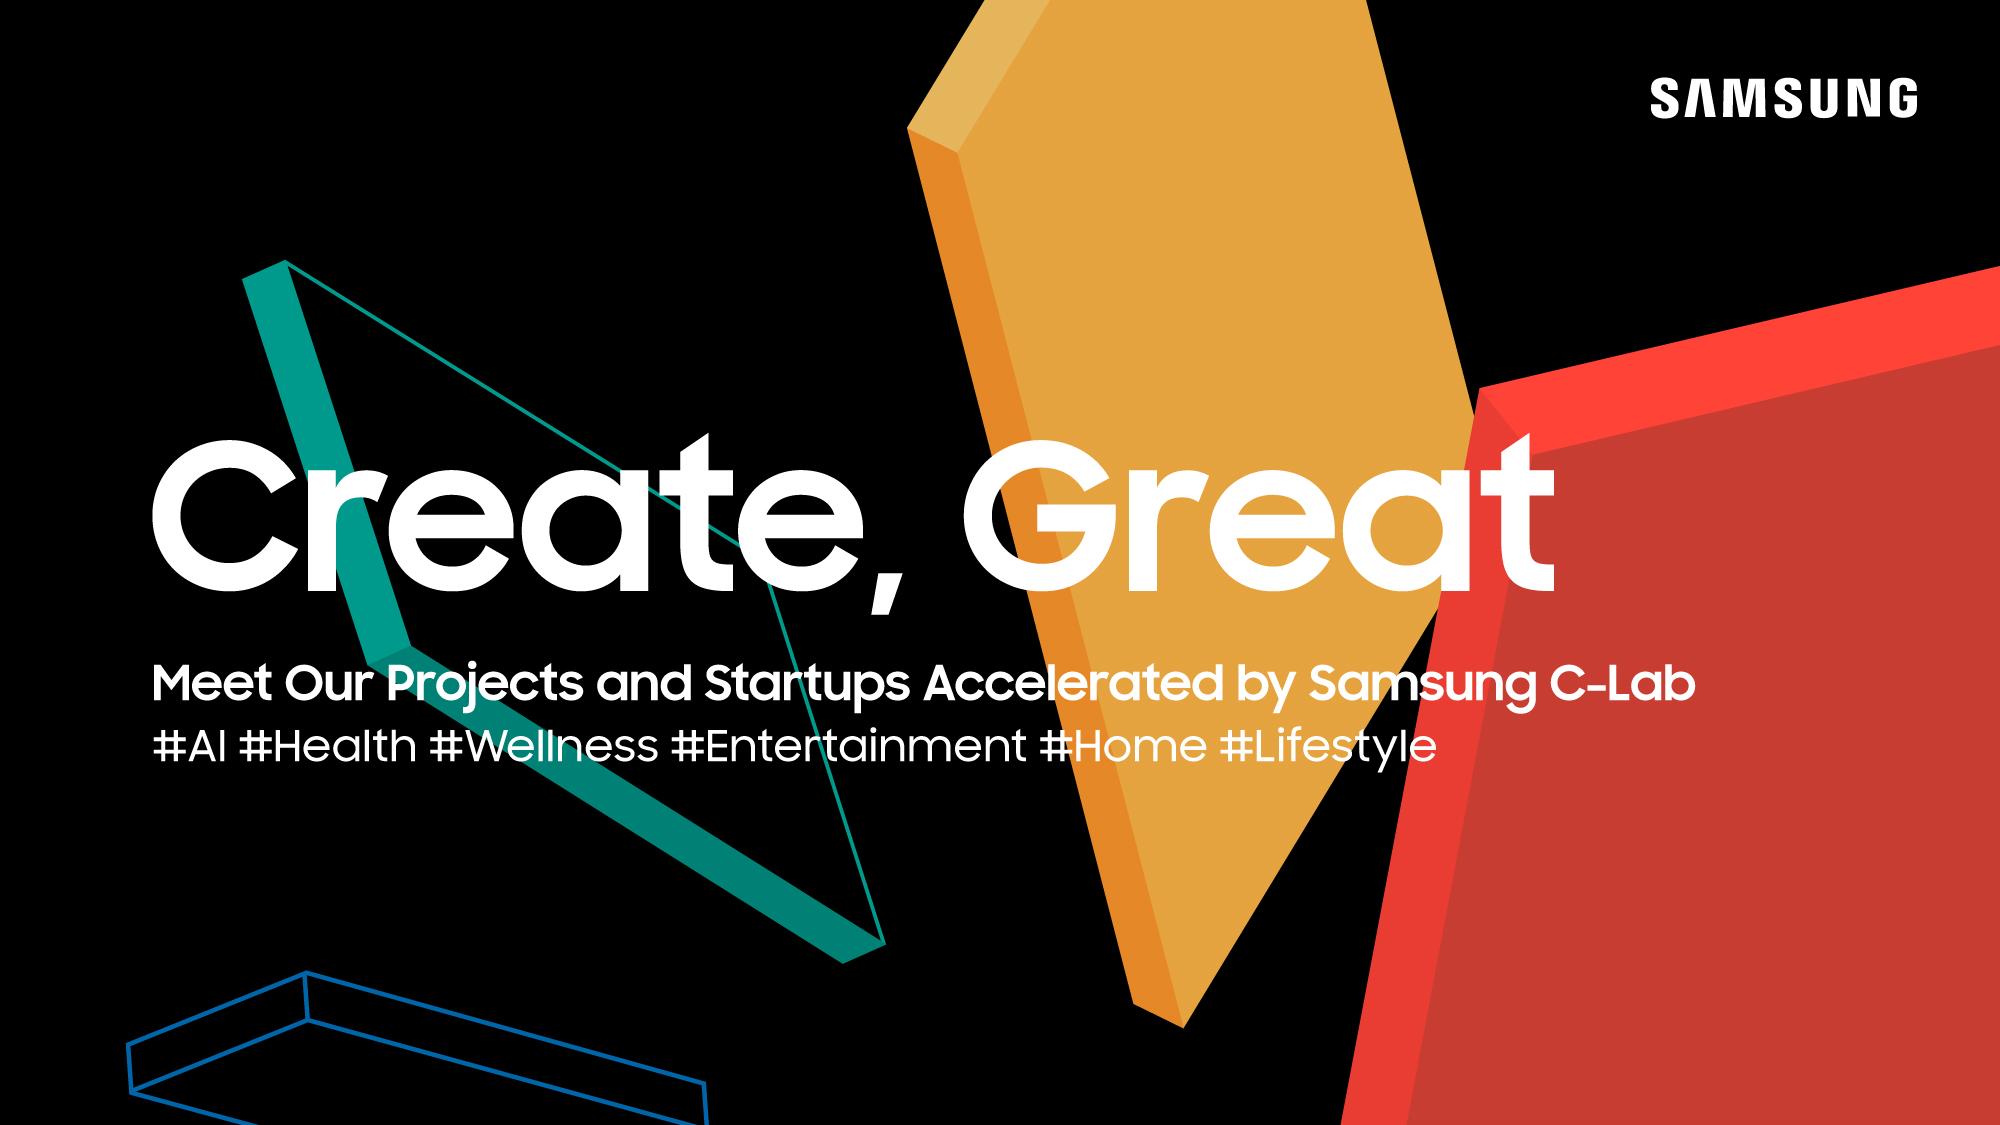 """ซัมซุงนำเสนอสุดยอดนวัตกรรมจาก โครงการ """"C-Lab Inside"""" และ """"C-Lab Outside"""" ที่งาน CES 2021"""